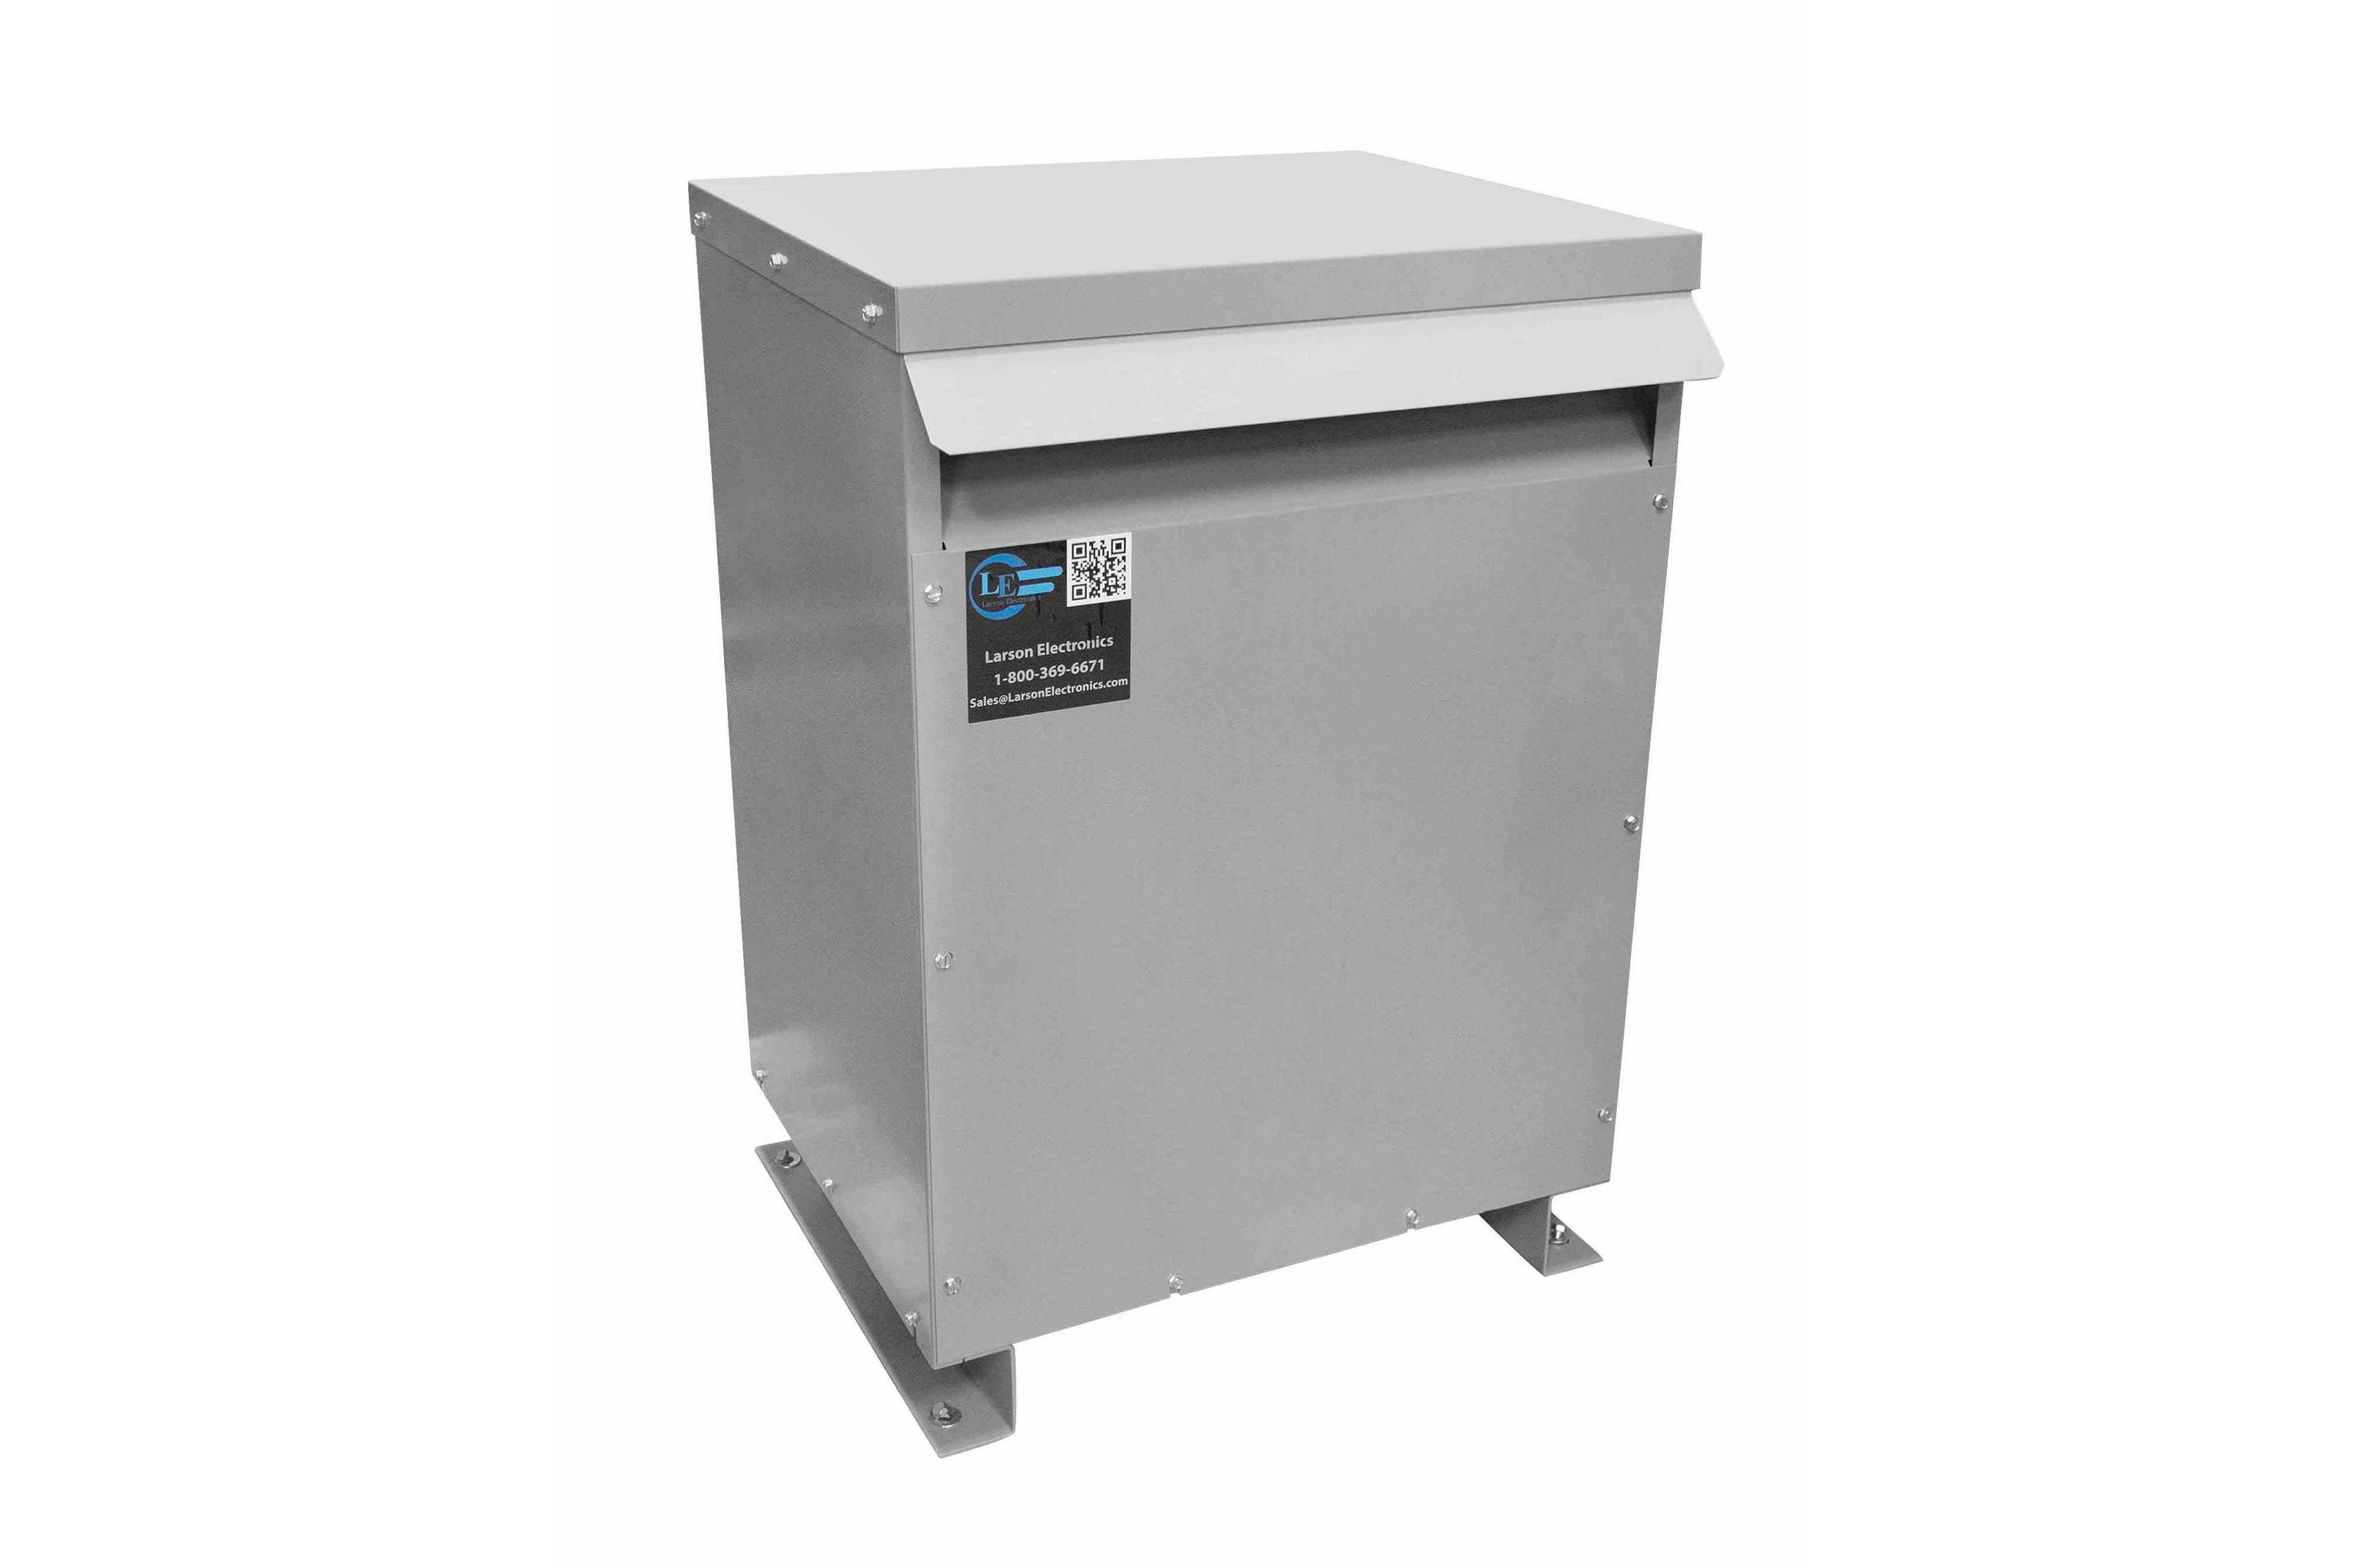 37.5 kVA 3PH Isolation Transformer, 600V Delta Primary, 415V Delta Secondary, N3R, Ventilated, 60 Hz